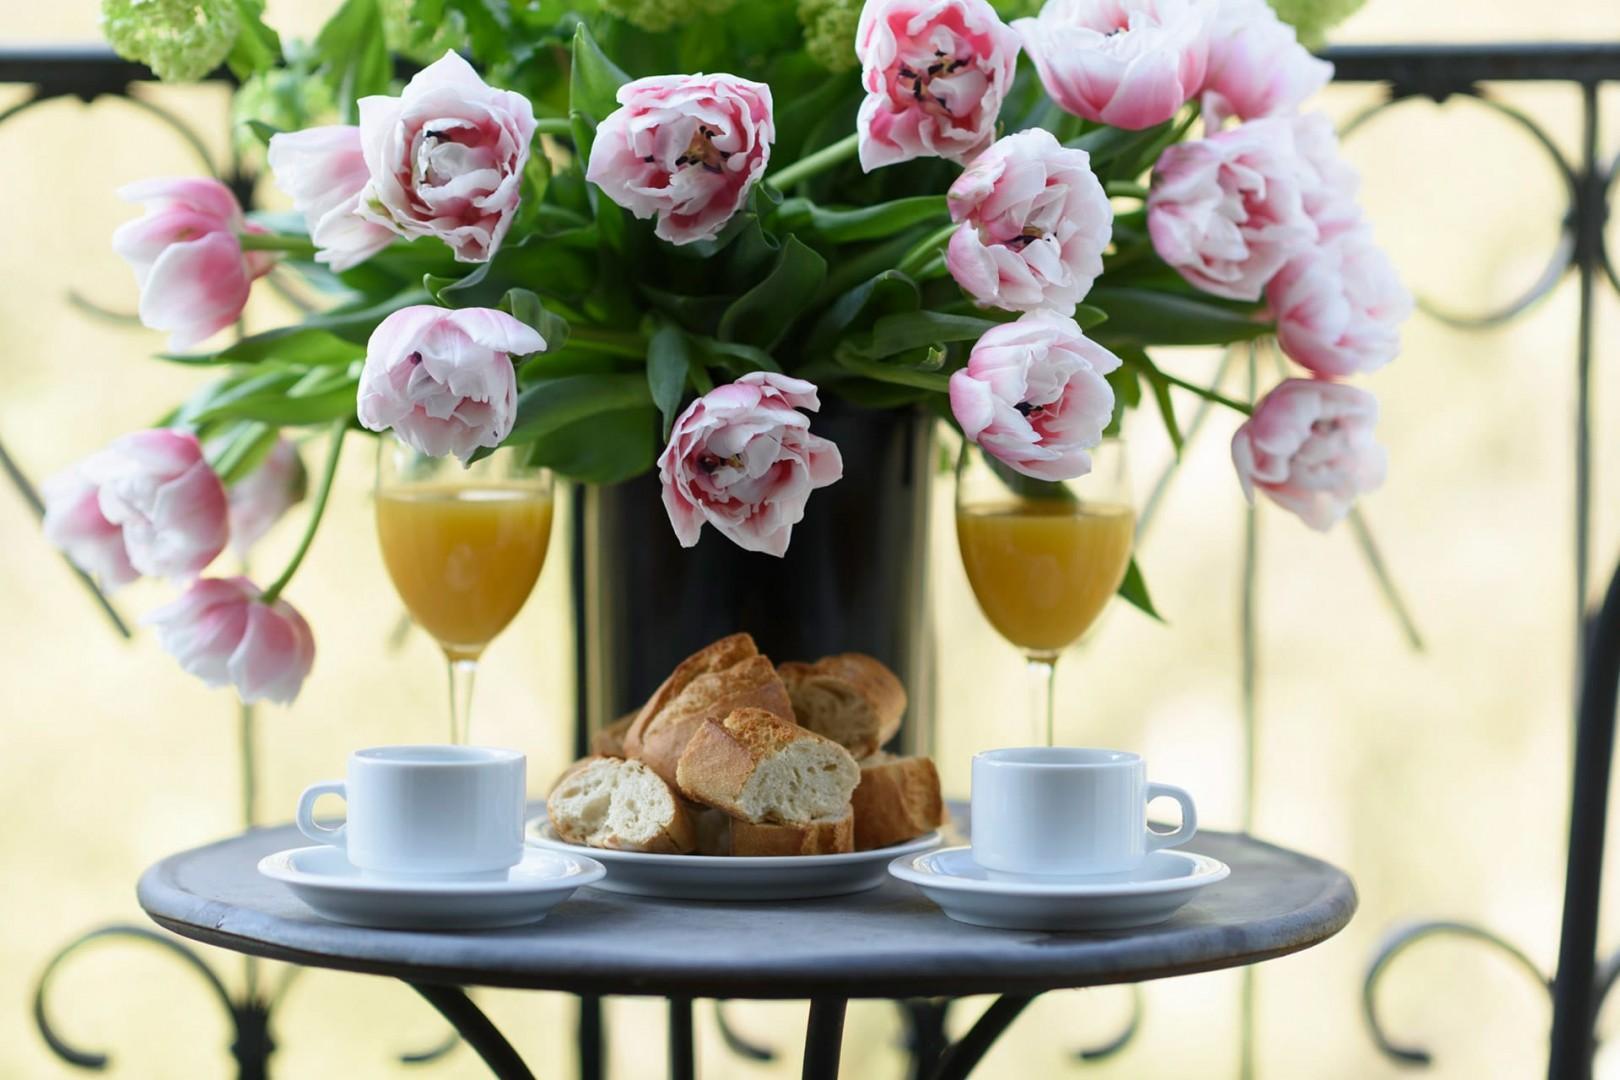 Treat yourself to Parisian breakfast on the balcony.